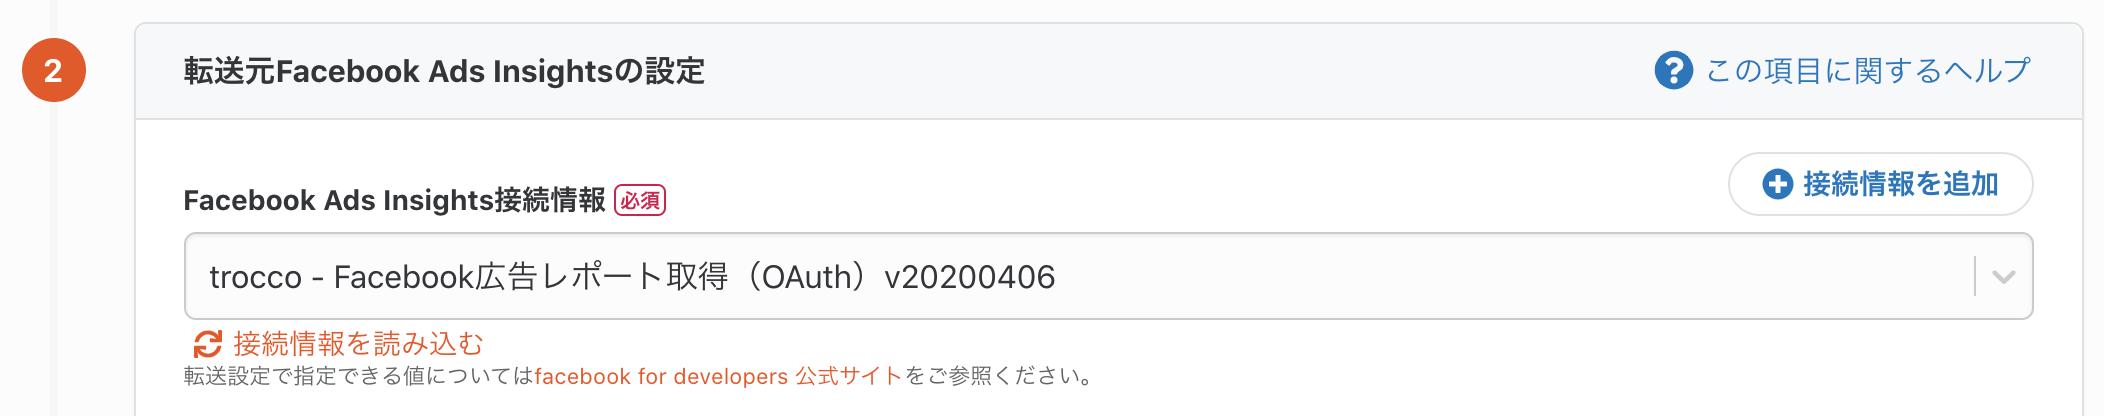 転送設定編集___trocco.png